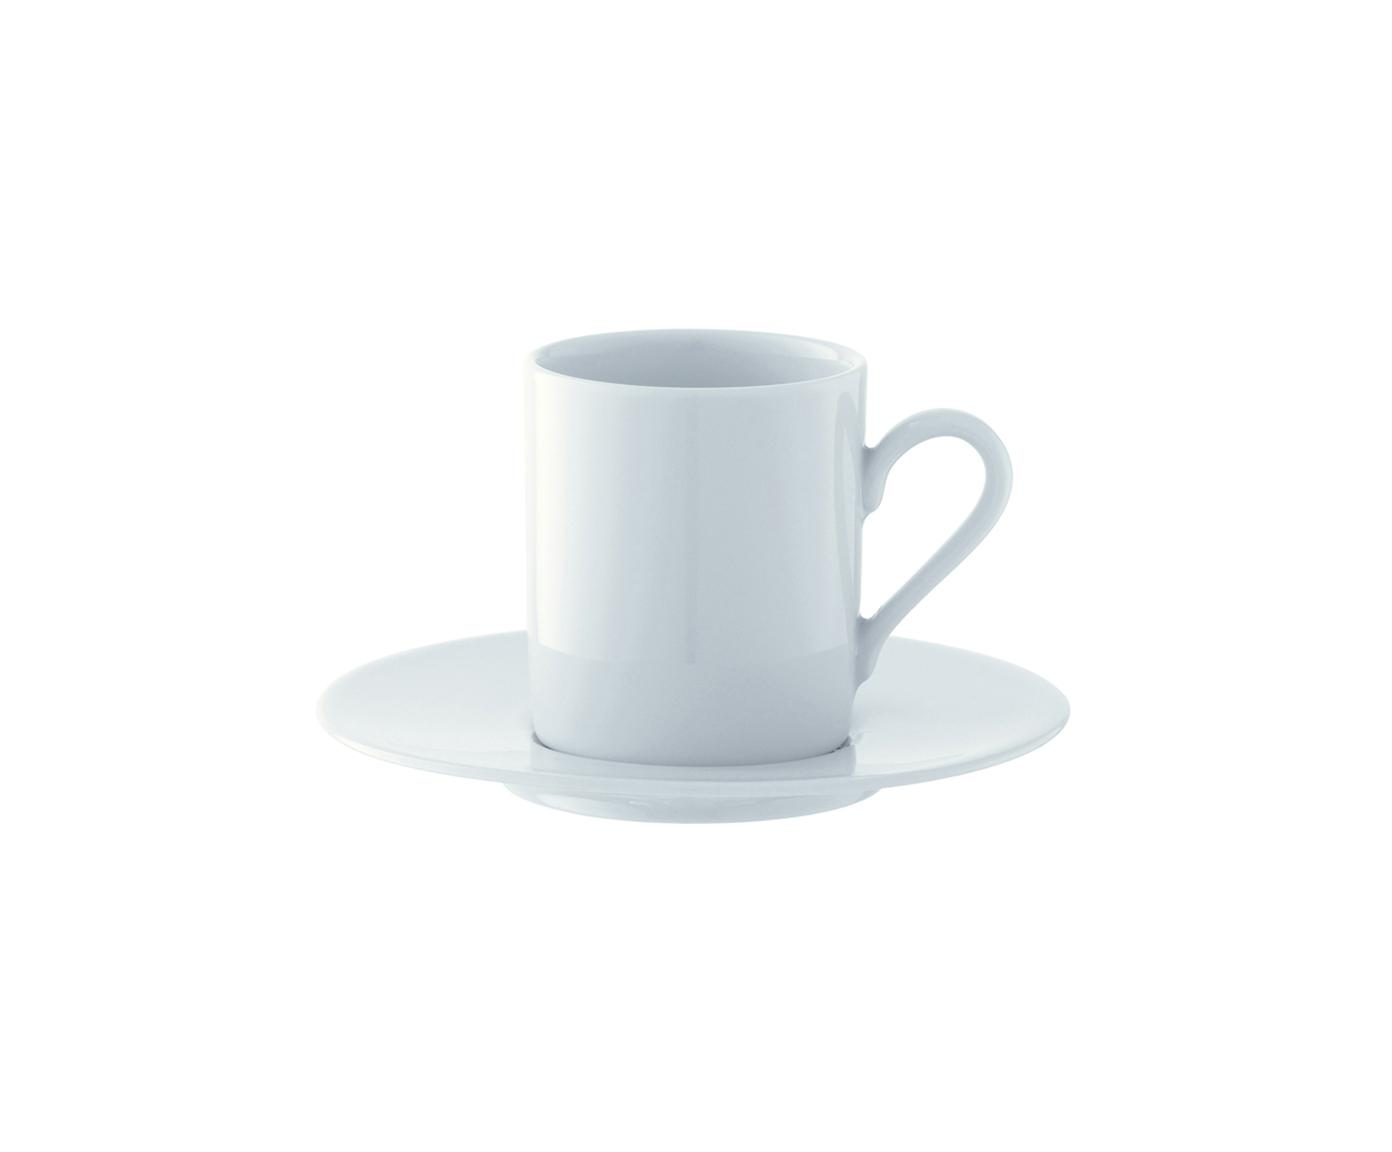 Set de tazas de café Bianco, 8pzas., Porcelana, Blanco, Ø 12 x Al 7 cm